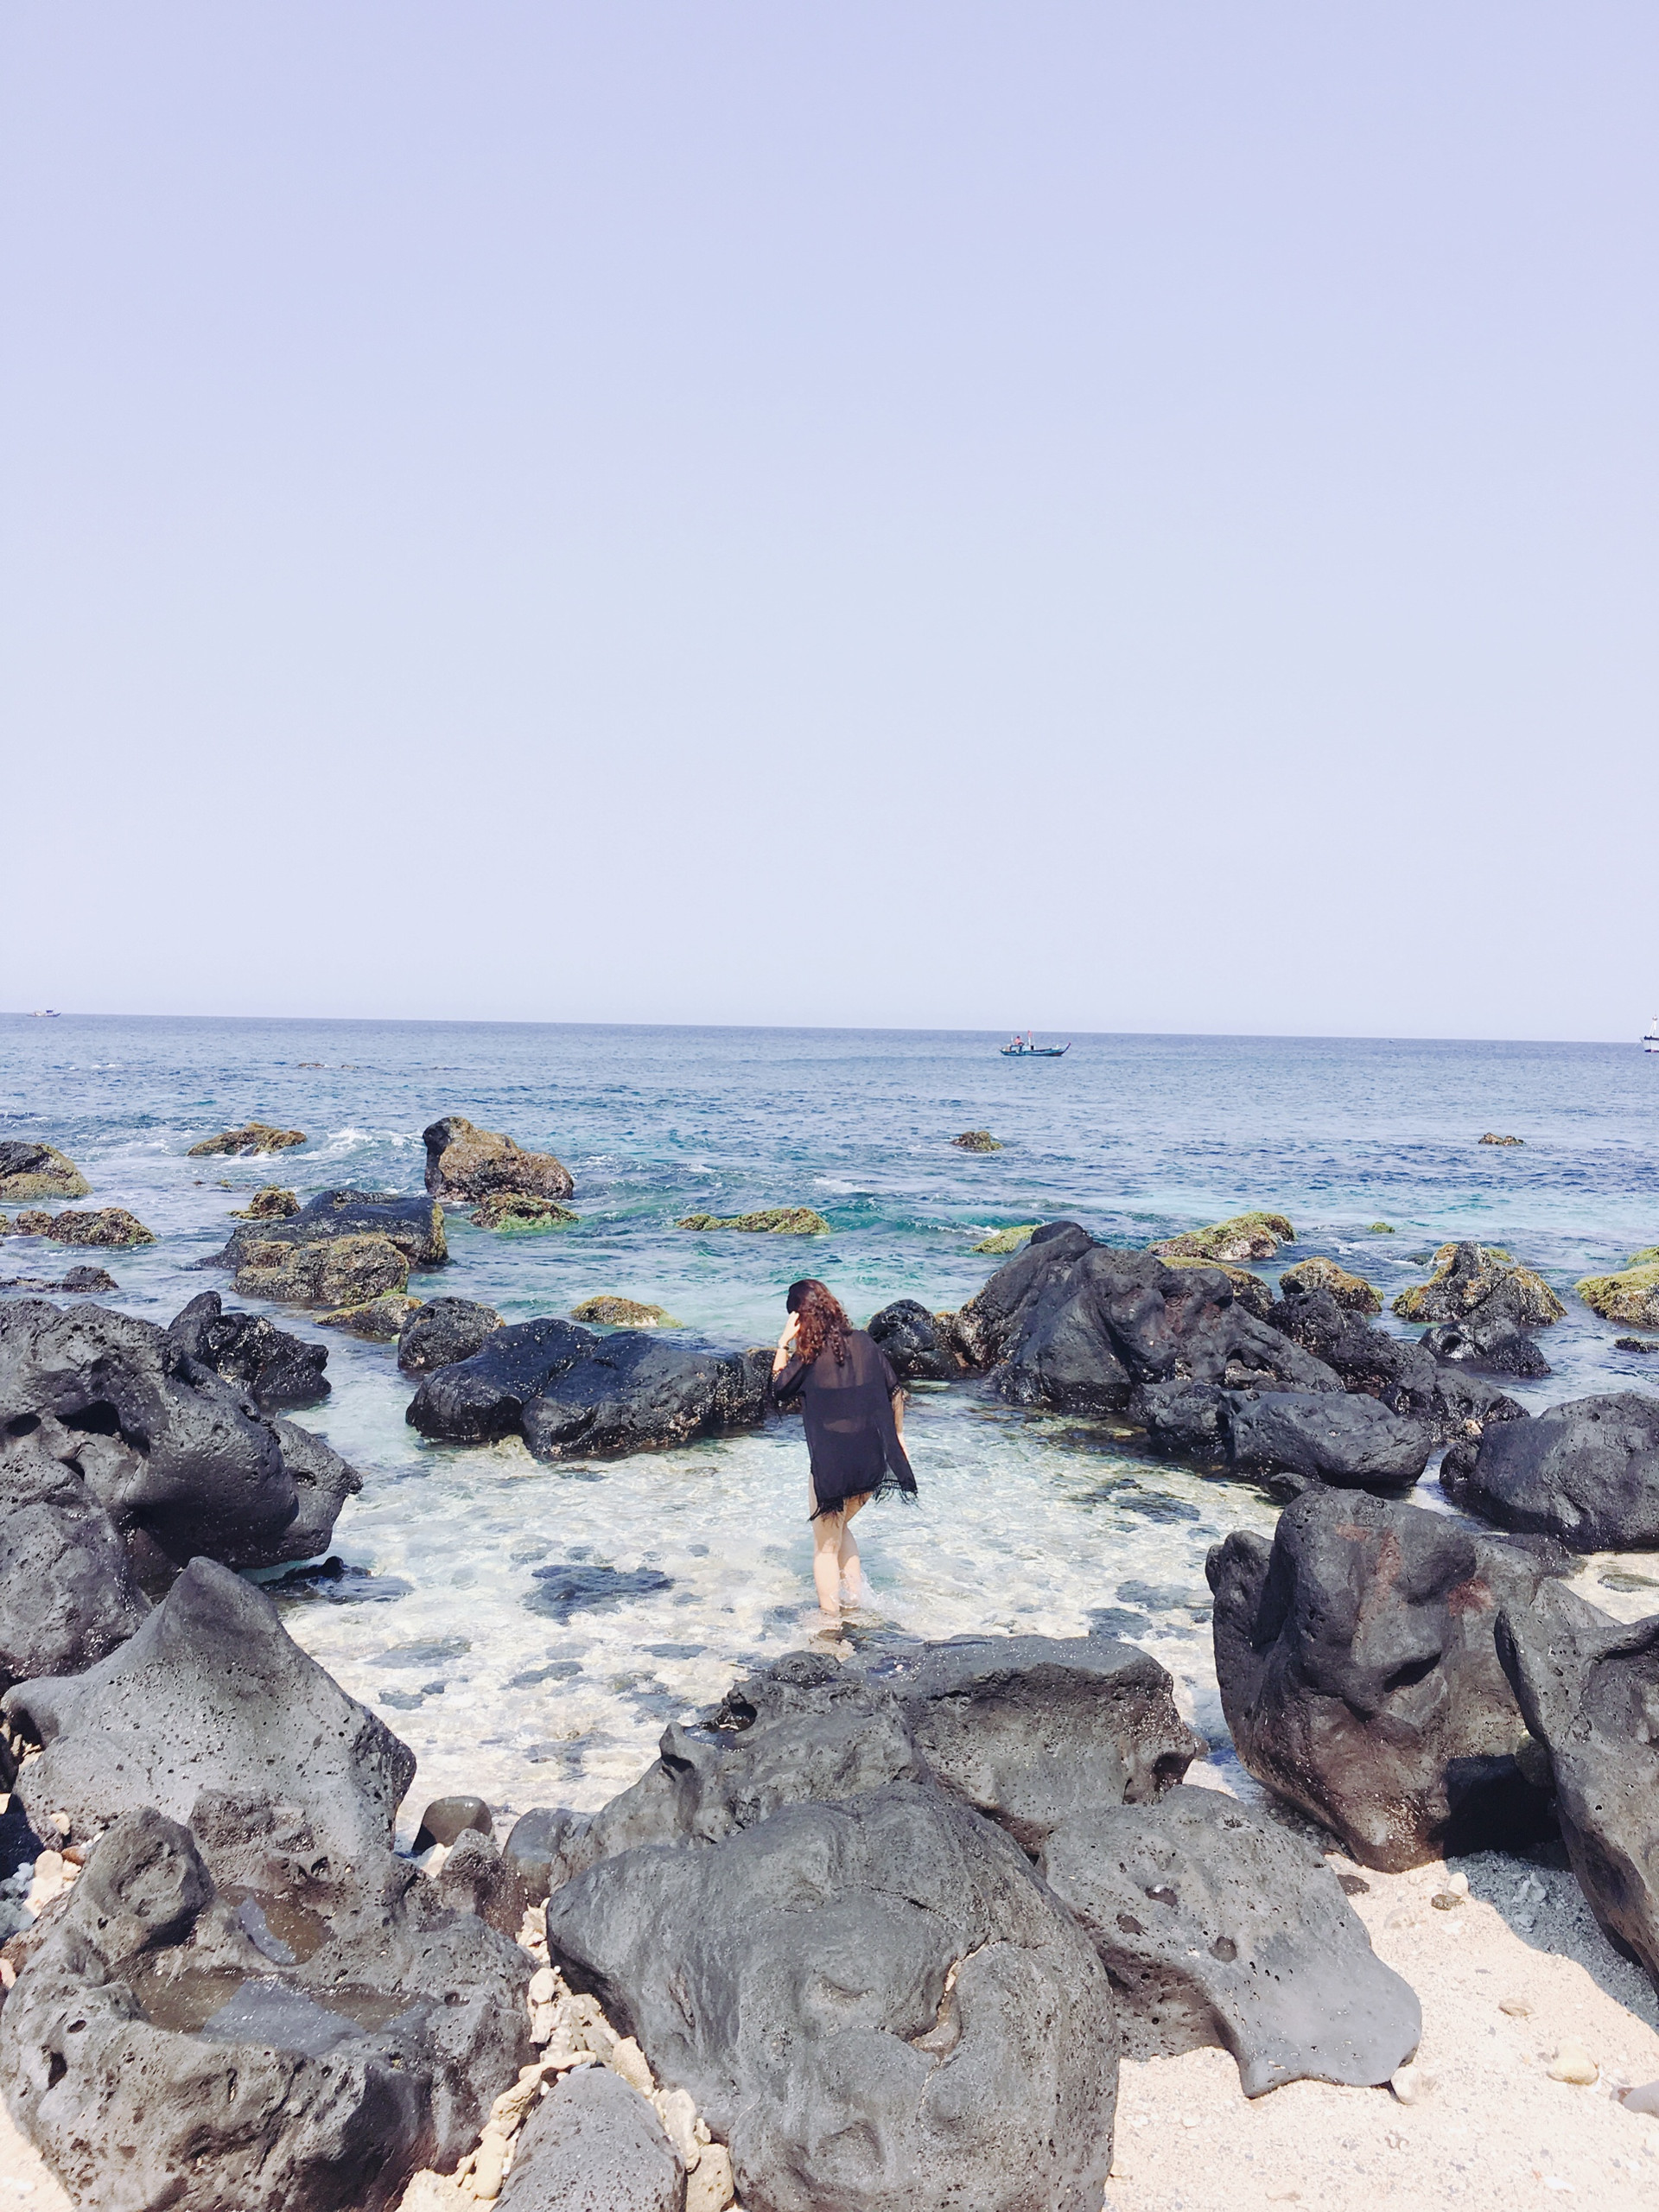 Nước biển trong veo được bao quanh bởi các mỏm đá